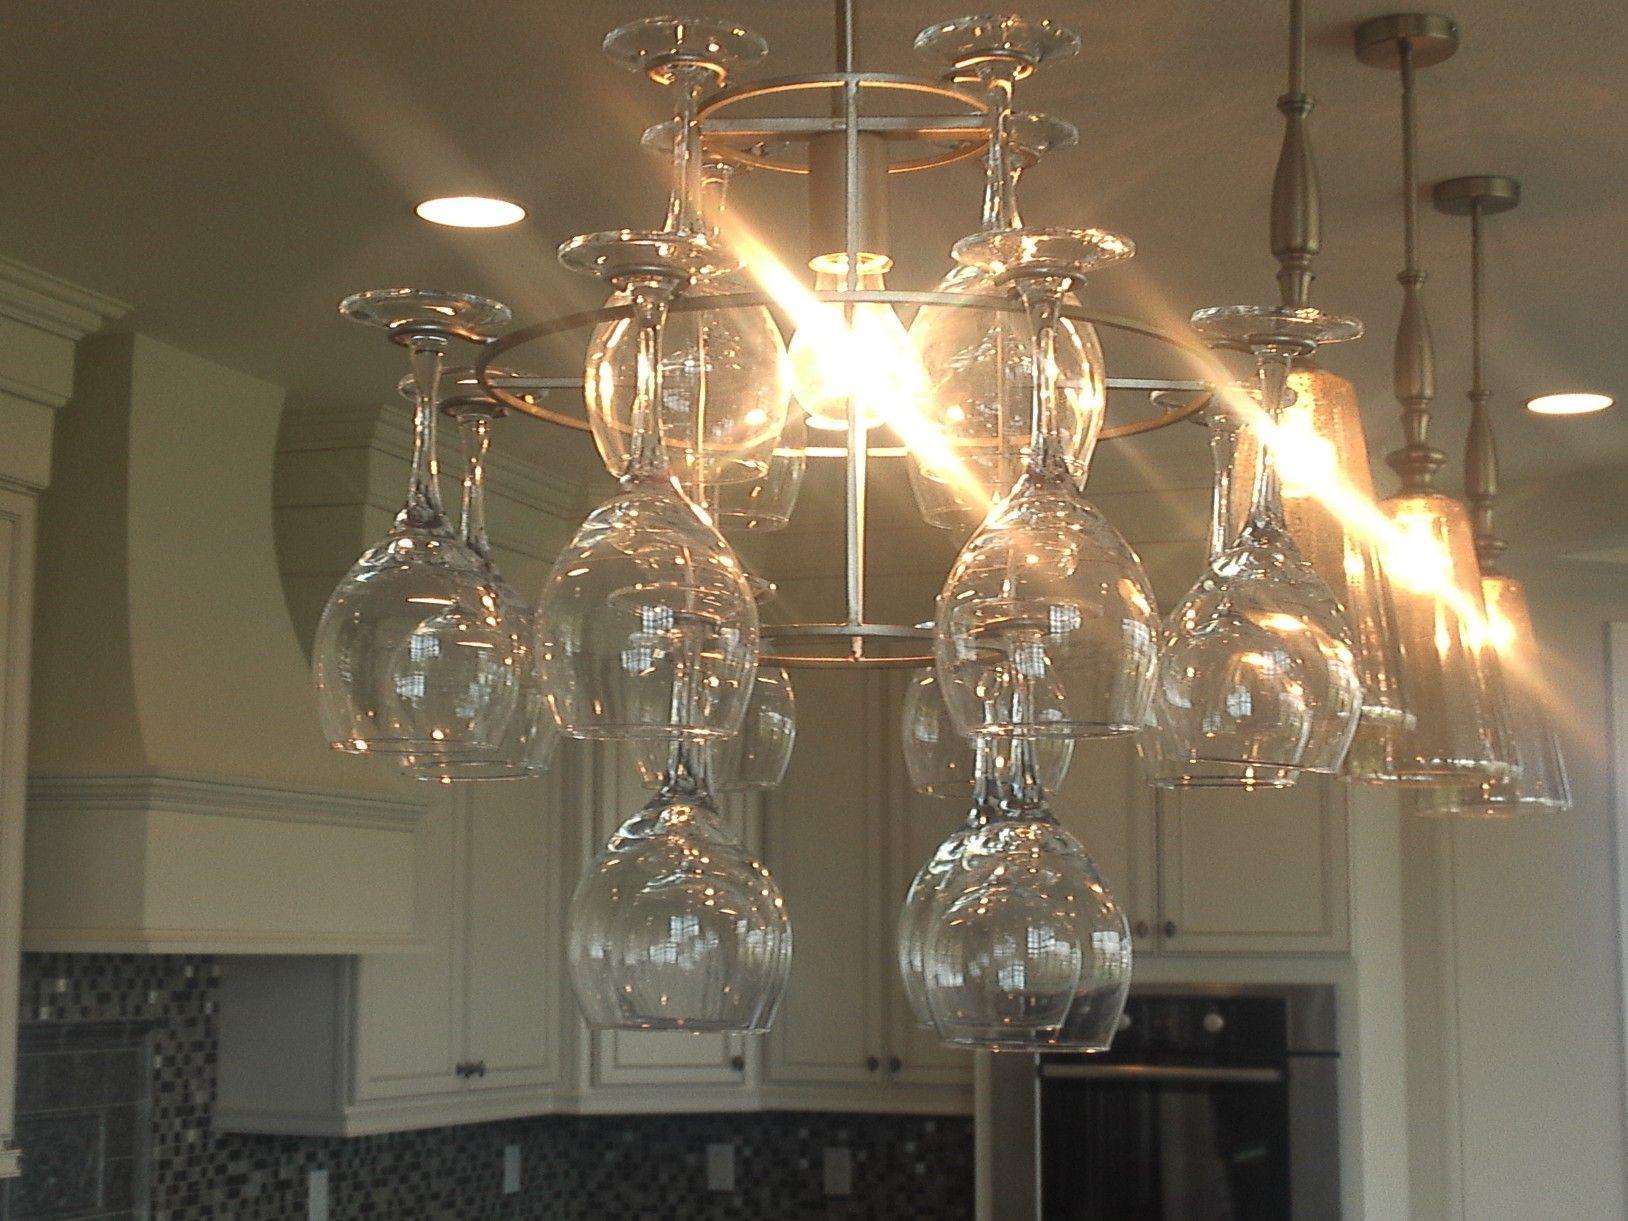 Wine glass chandelier Kitchens Kaerek Homes Pinterest